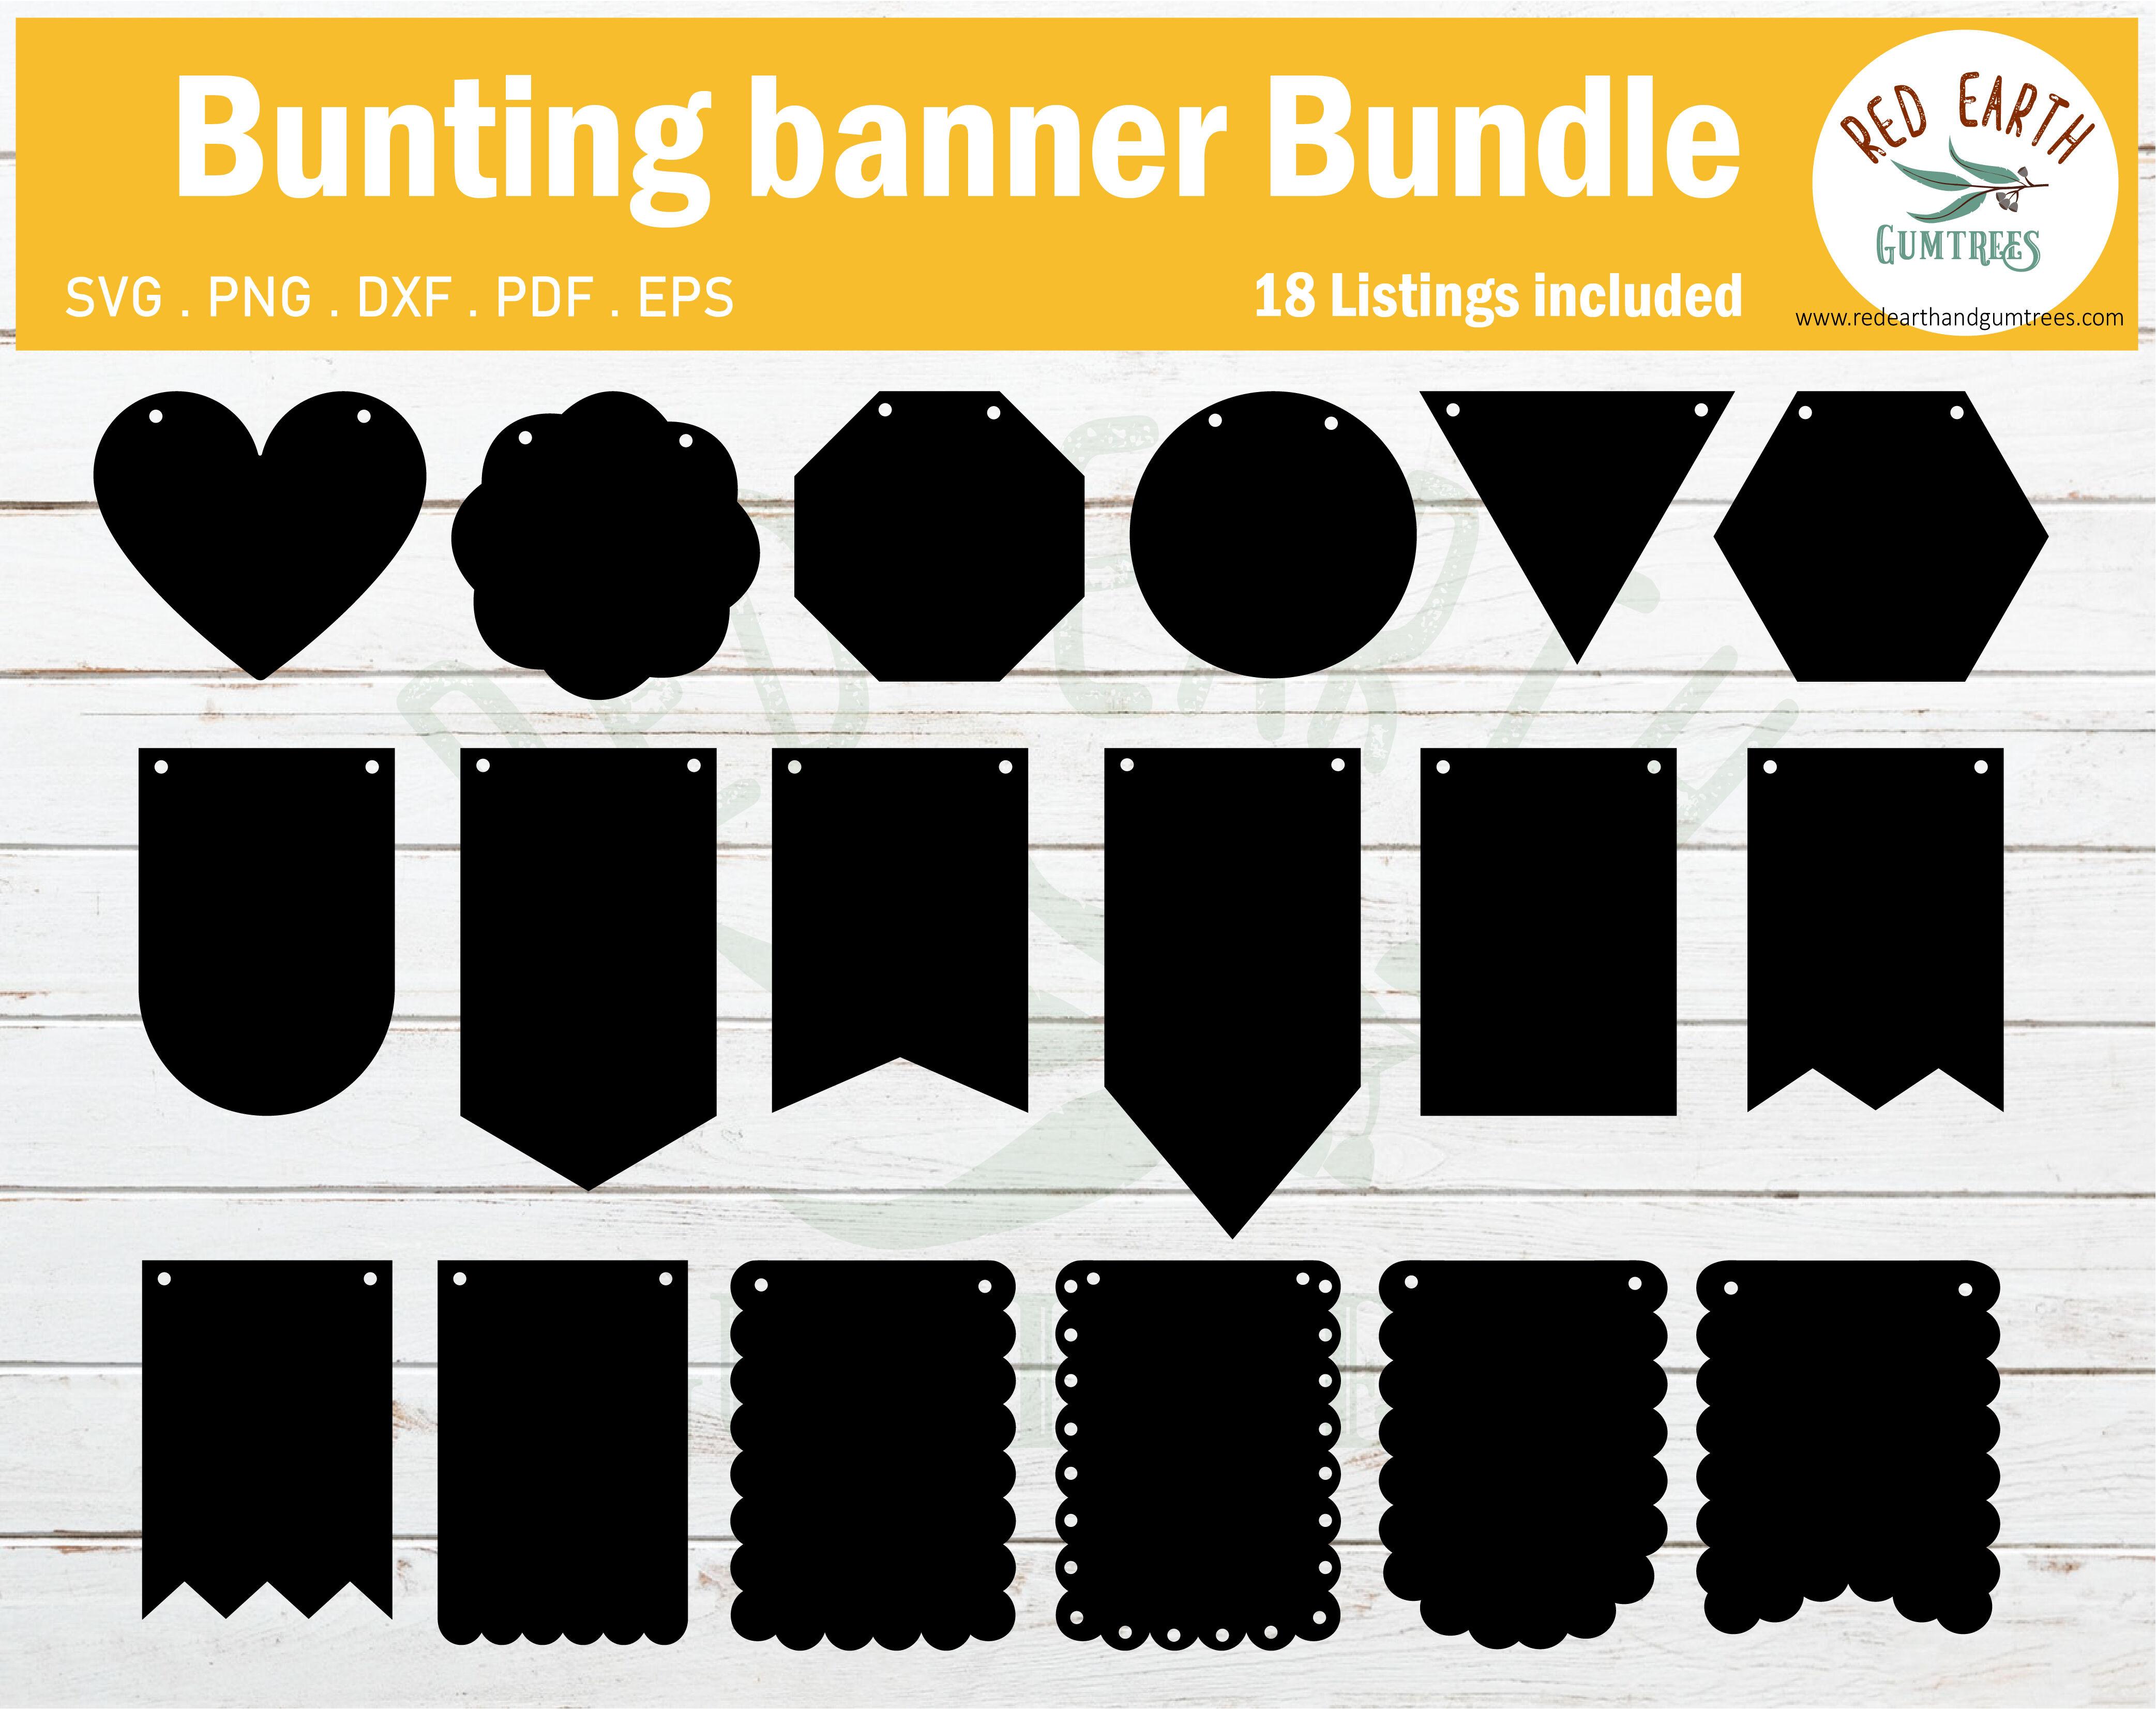 Bunting Banner Bundle Svg Party Bunting Banner Bundle Svg Dxf Pdf